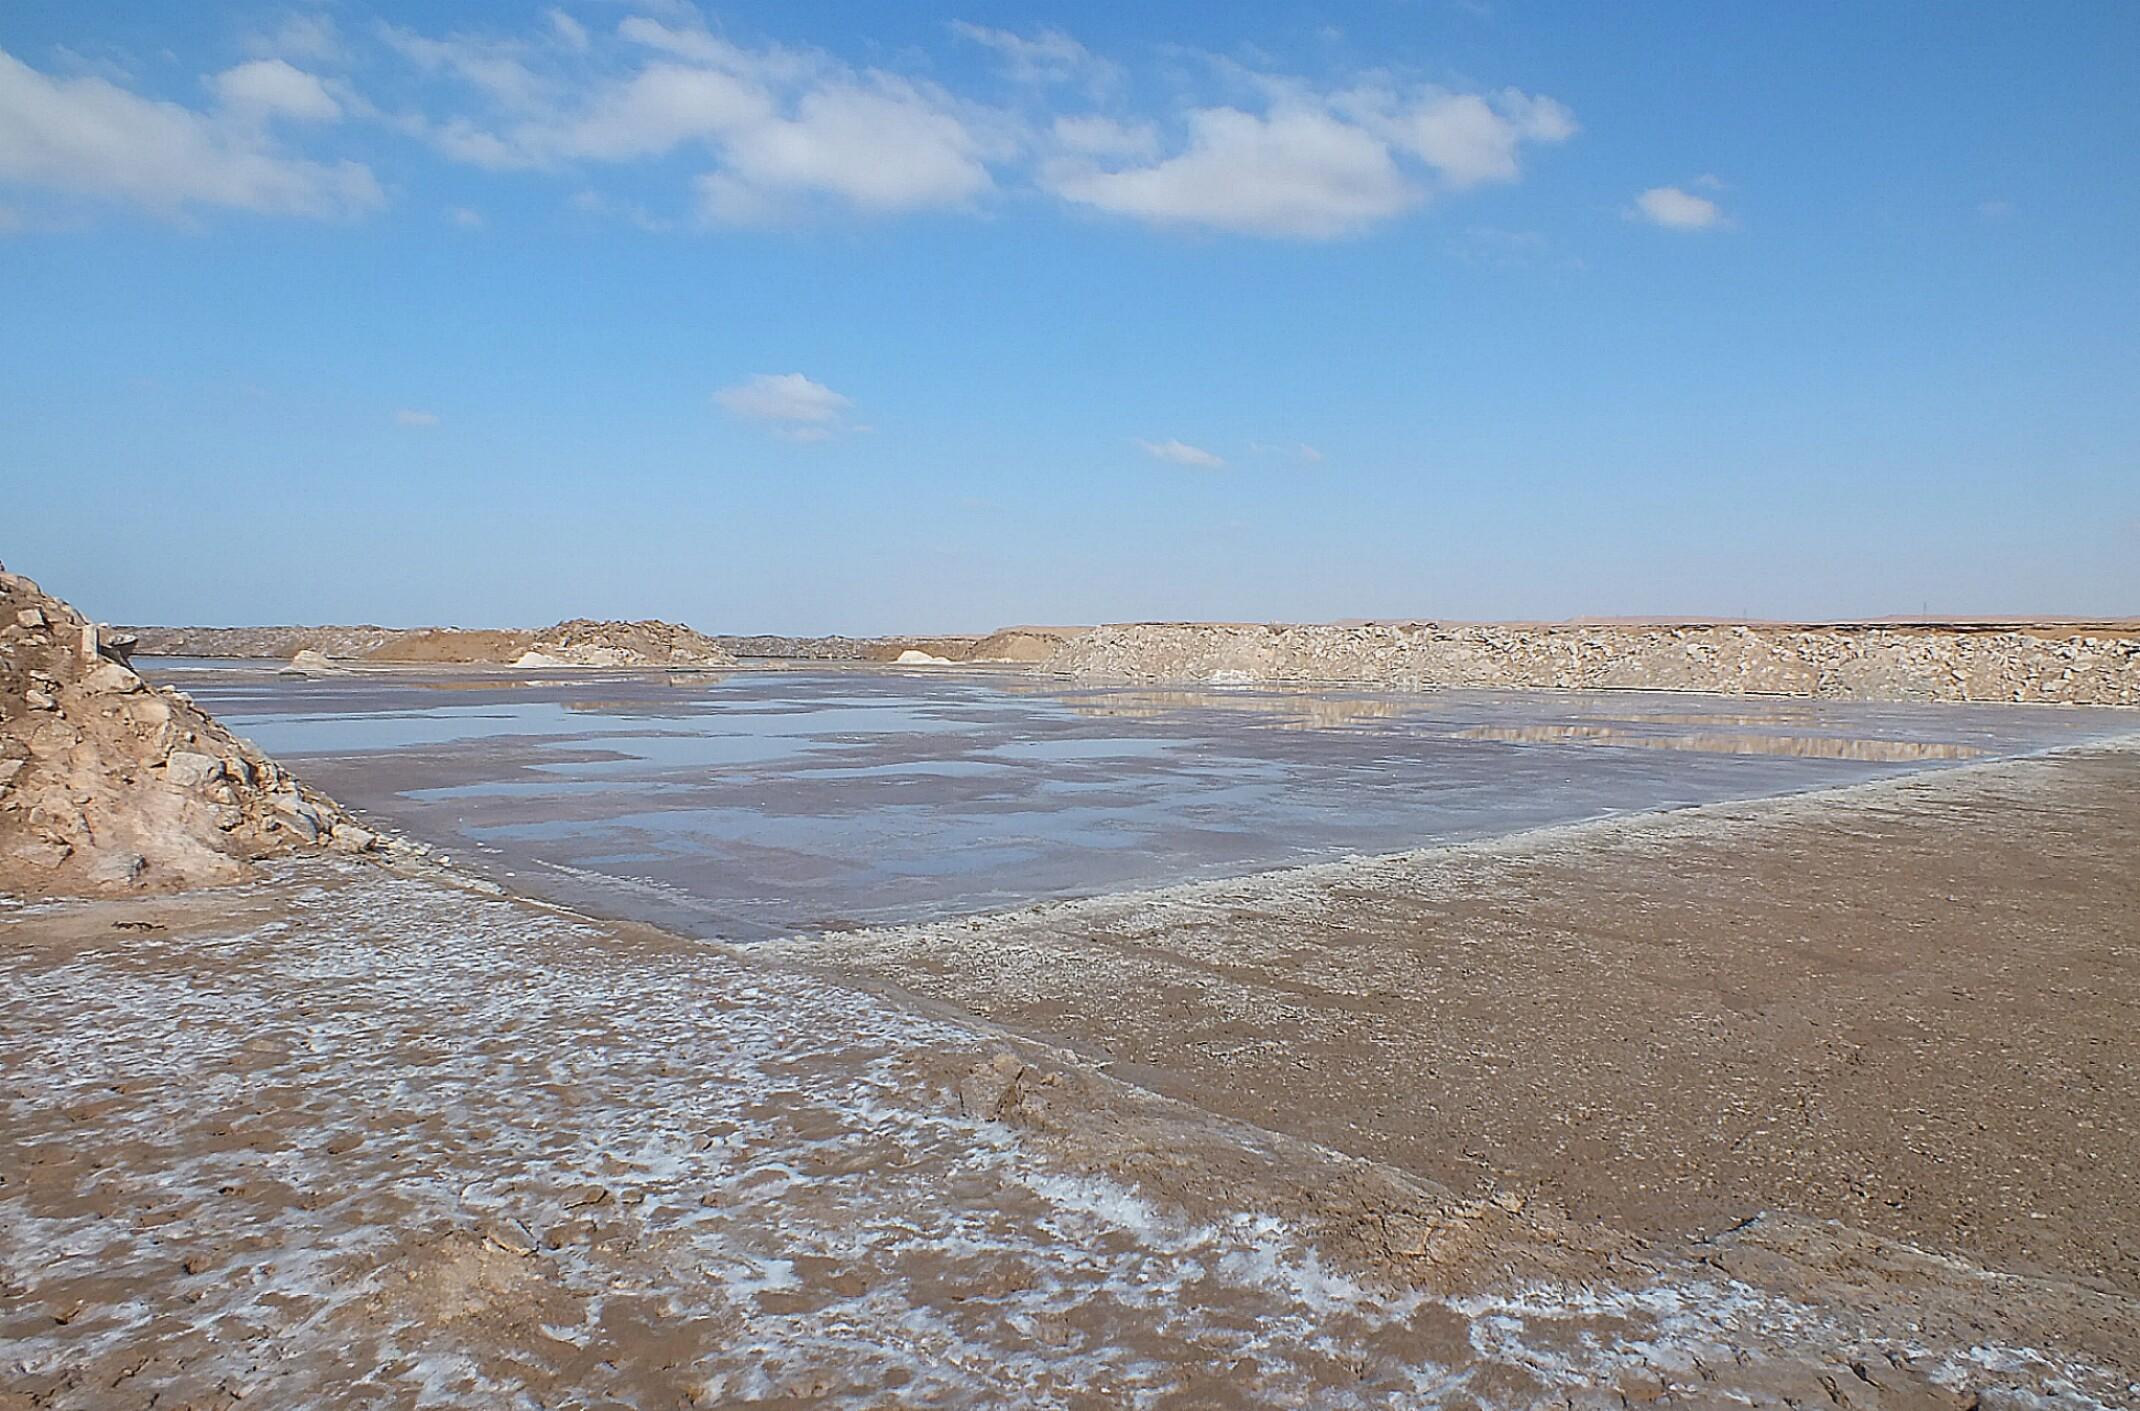 Maroko.Solnisko.Sól morska.